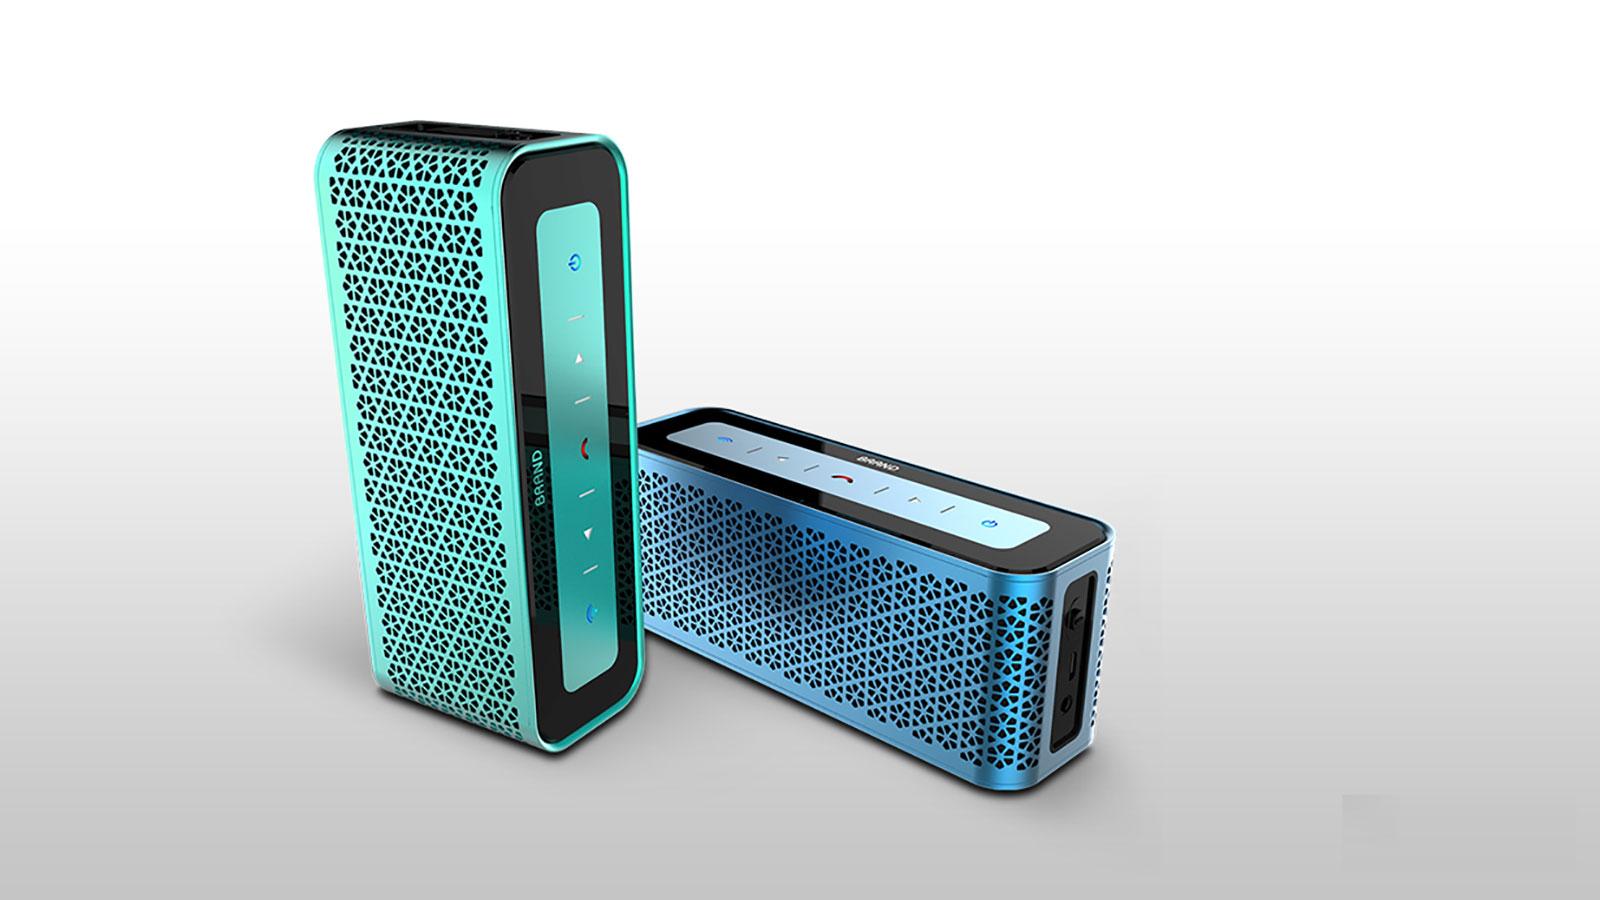 多功能智能音箱设计给人们带来全新的听觉体验